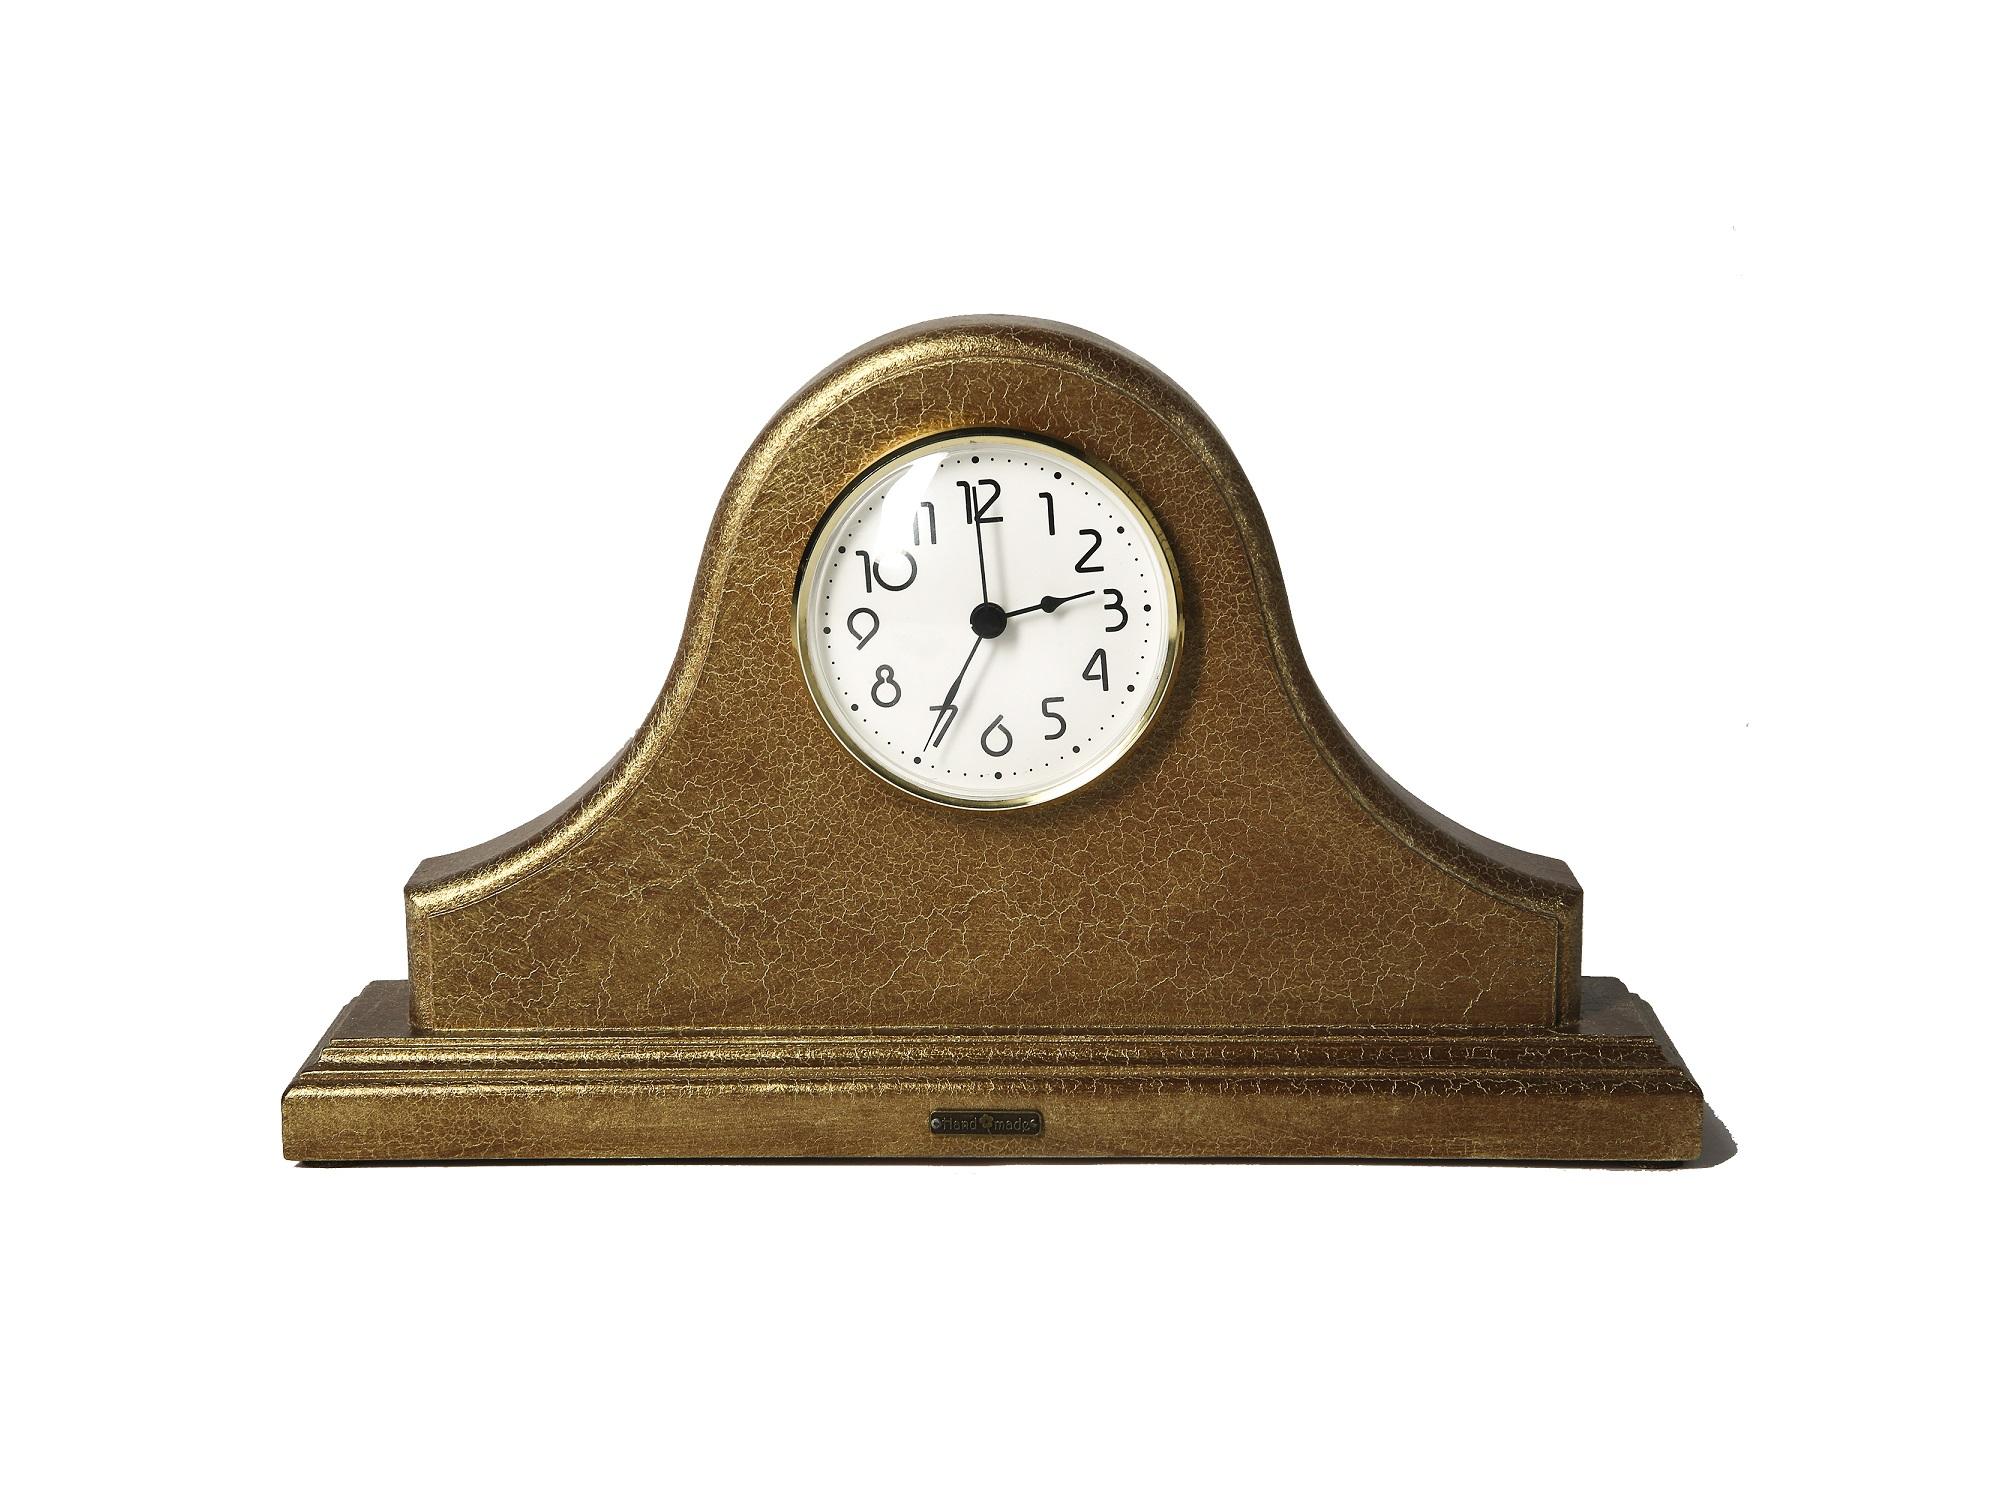 Часы настольныеНастольные часы<br><br><br>Material: МДФ<br>Ширина см: 31.5<br>Высота см: 18.0<br>Глубина см: 6.0